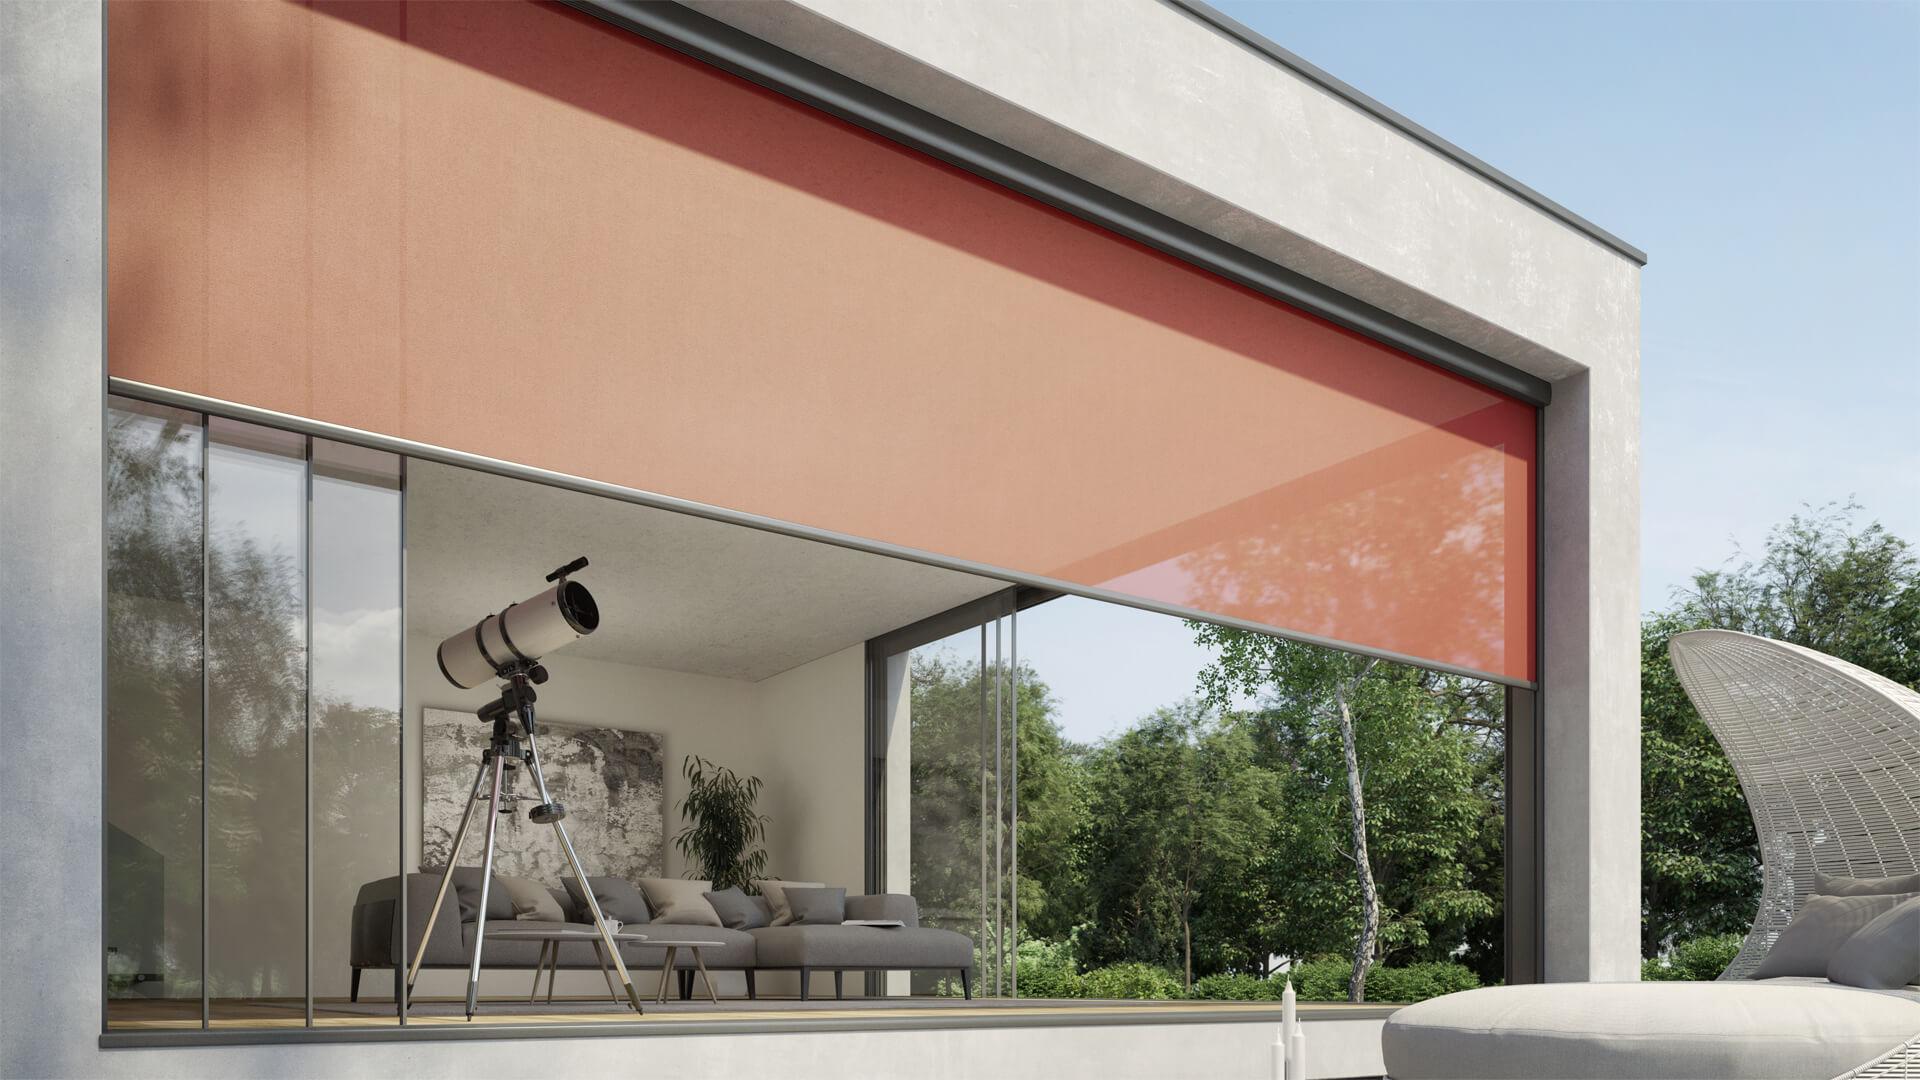 ZIP, Fenstermarkise, Fassadenmarkise, Senkrechtmarkise, Screen, Beschattung, Sonnenschutz, Hitzeschutz, Blendschutz, Fenstermarkise